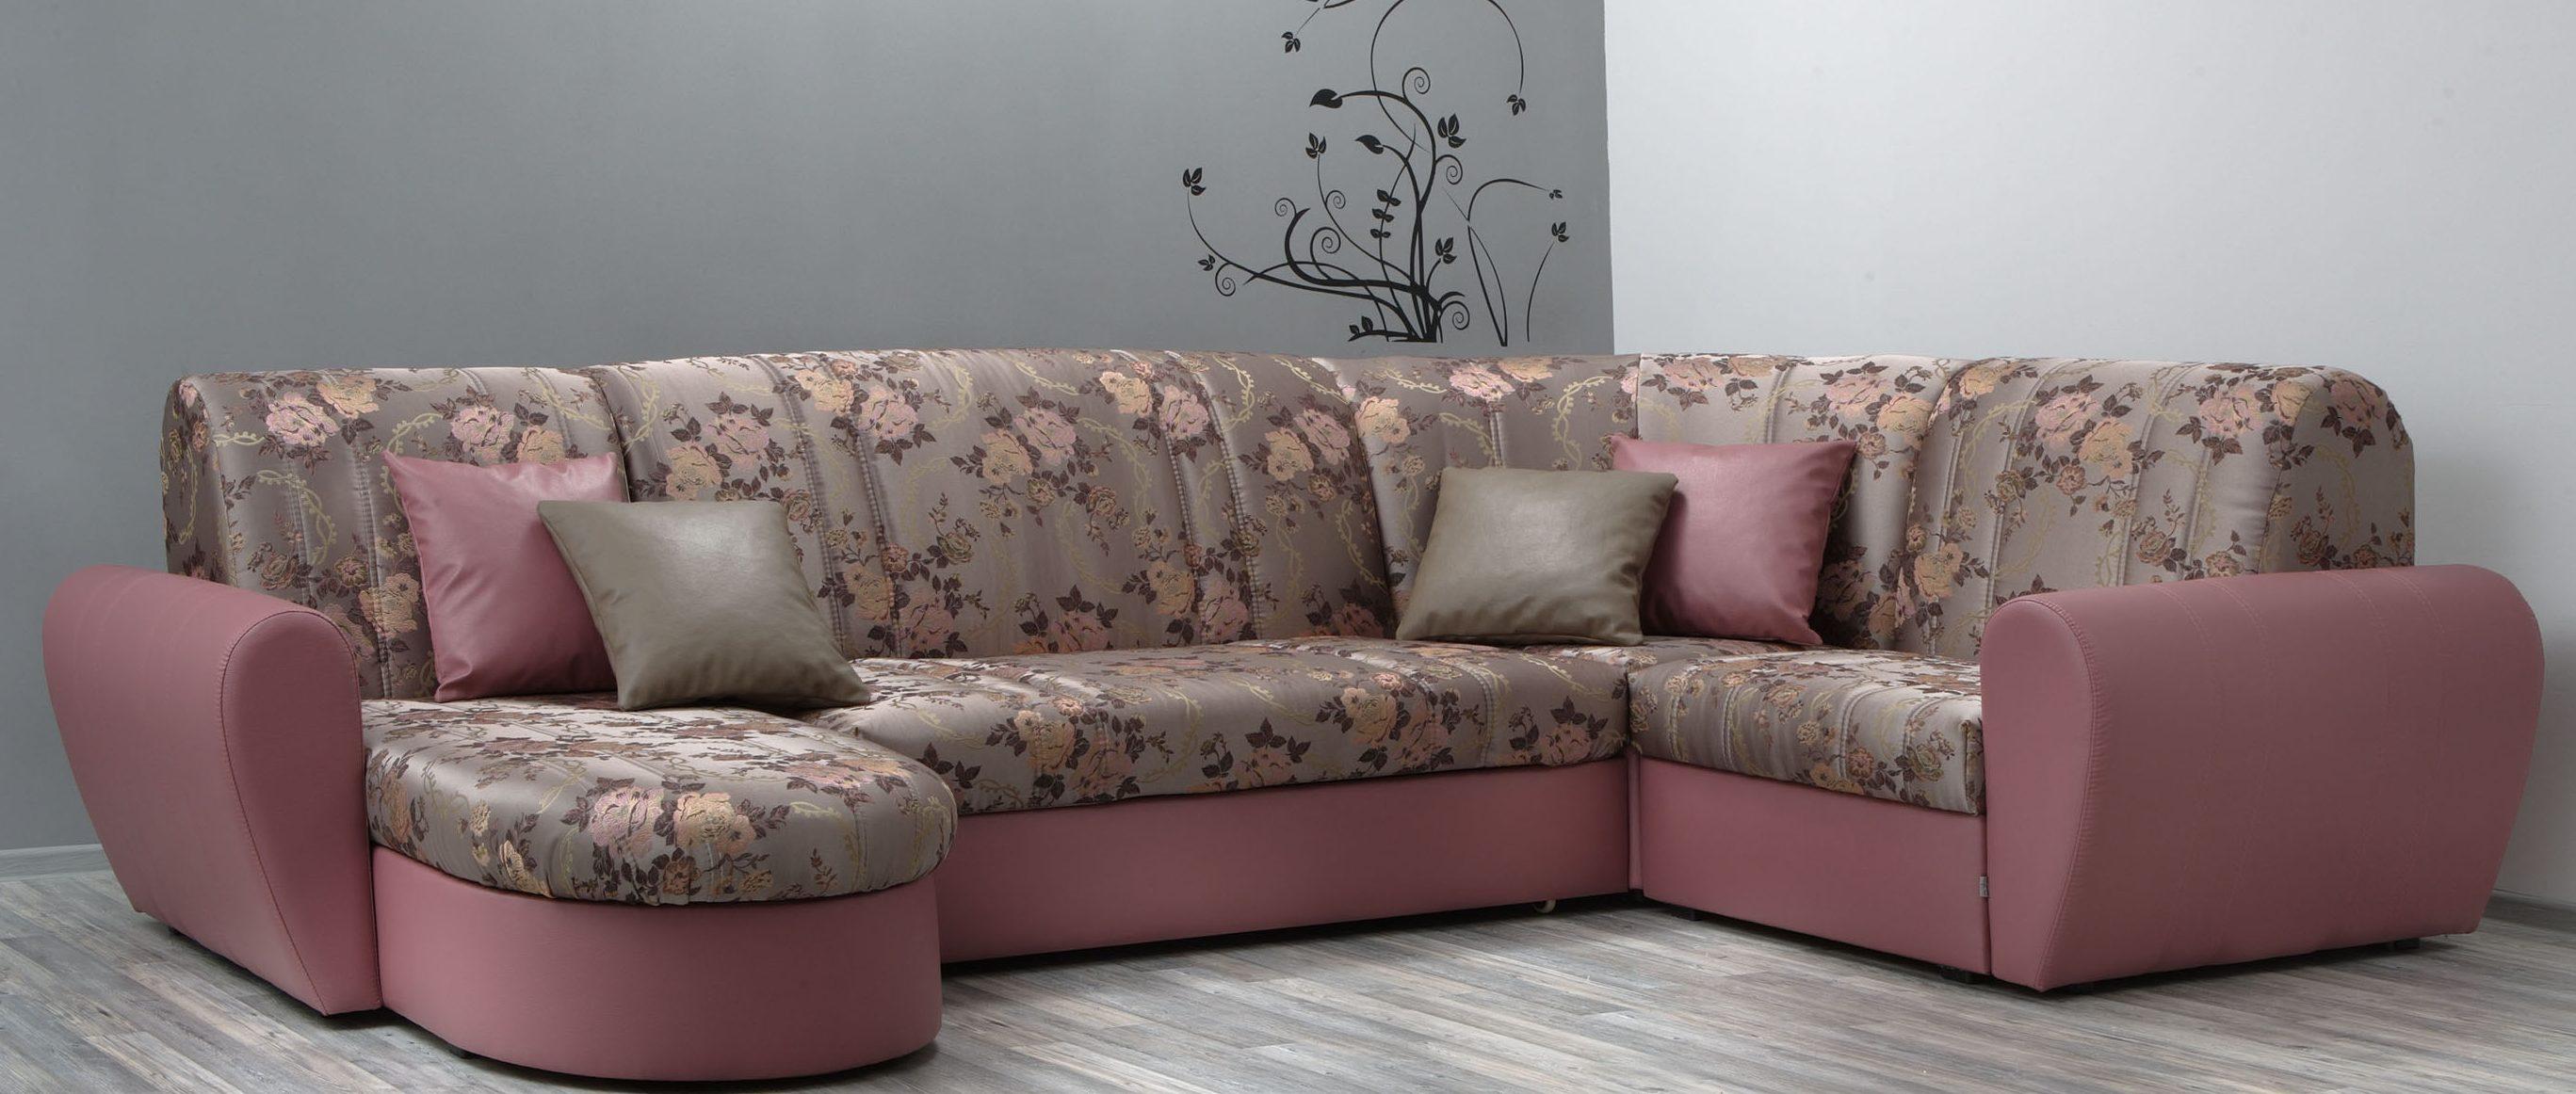 -мебель-e1506086072634 Ремонт мягкой мебели – новая жизнь любимых предметов